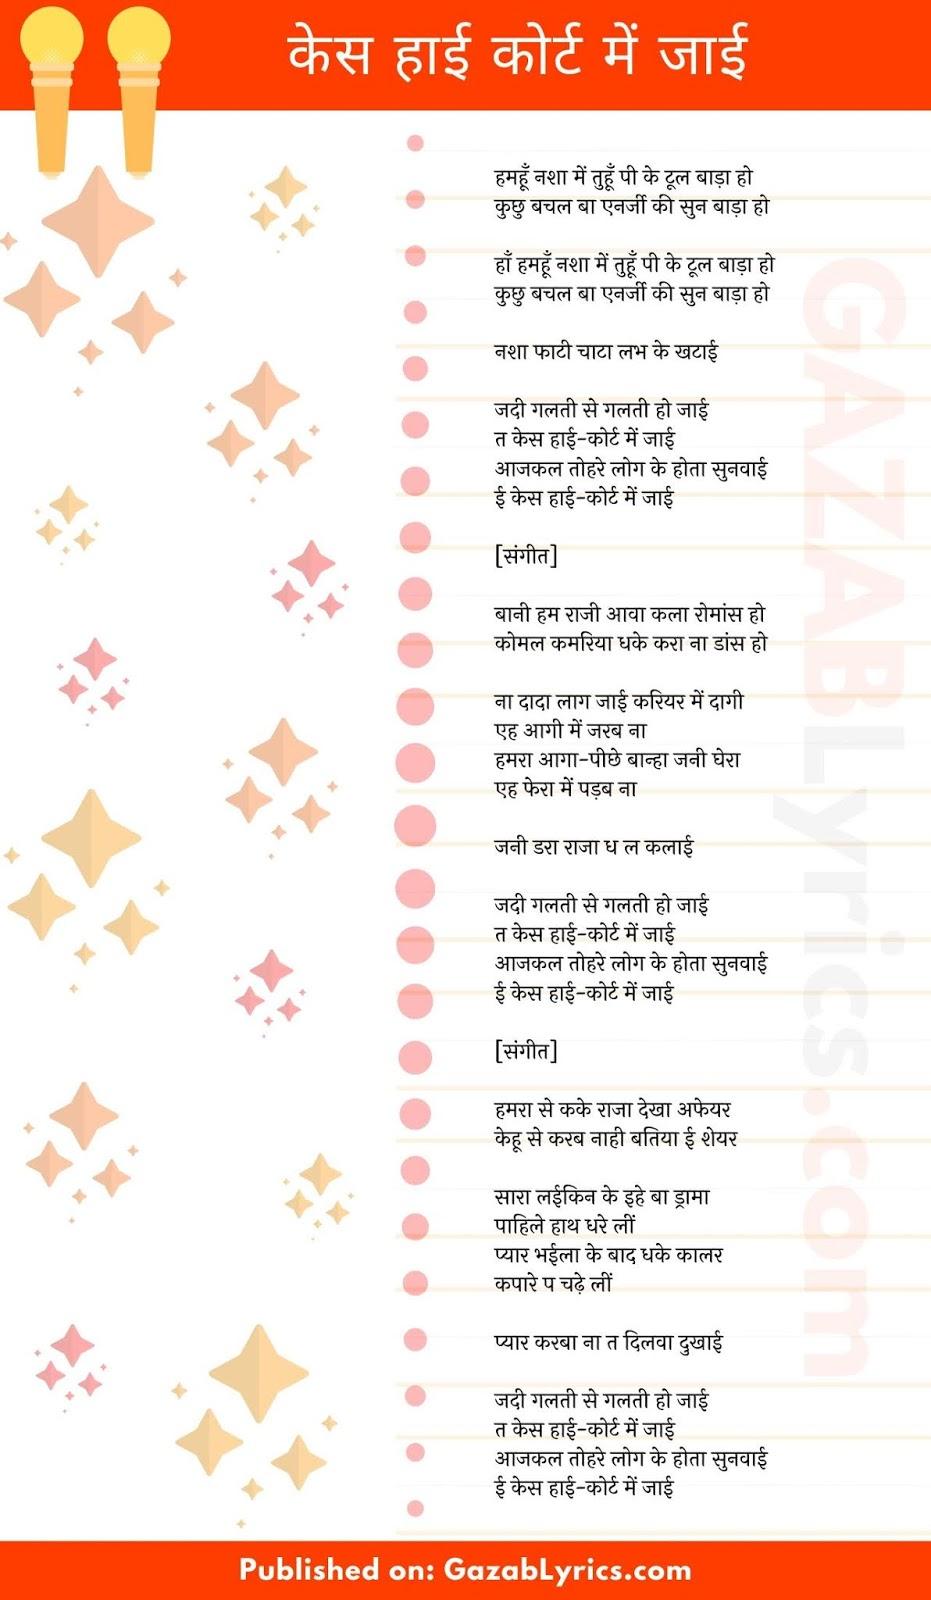 Case High Court Me Jaai song lyrics image